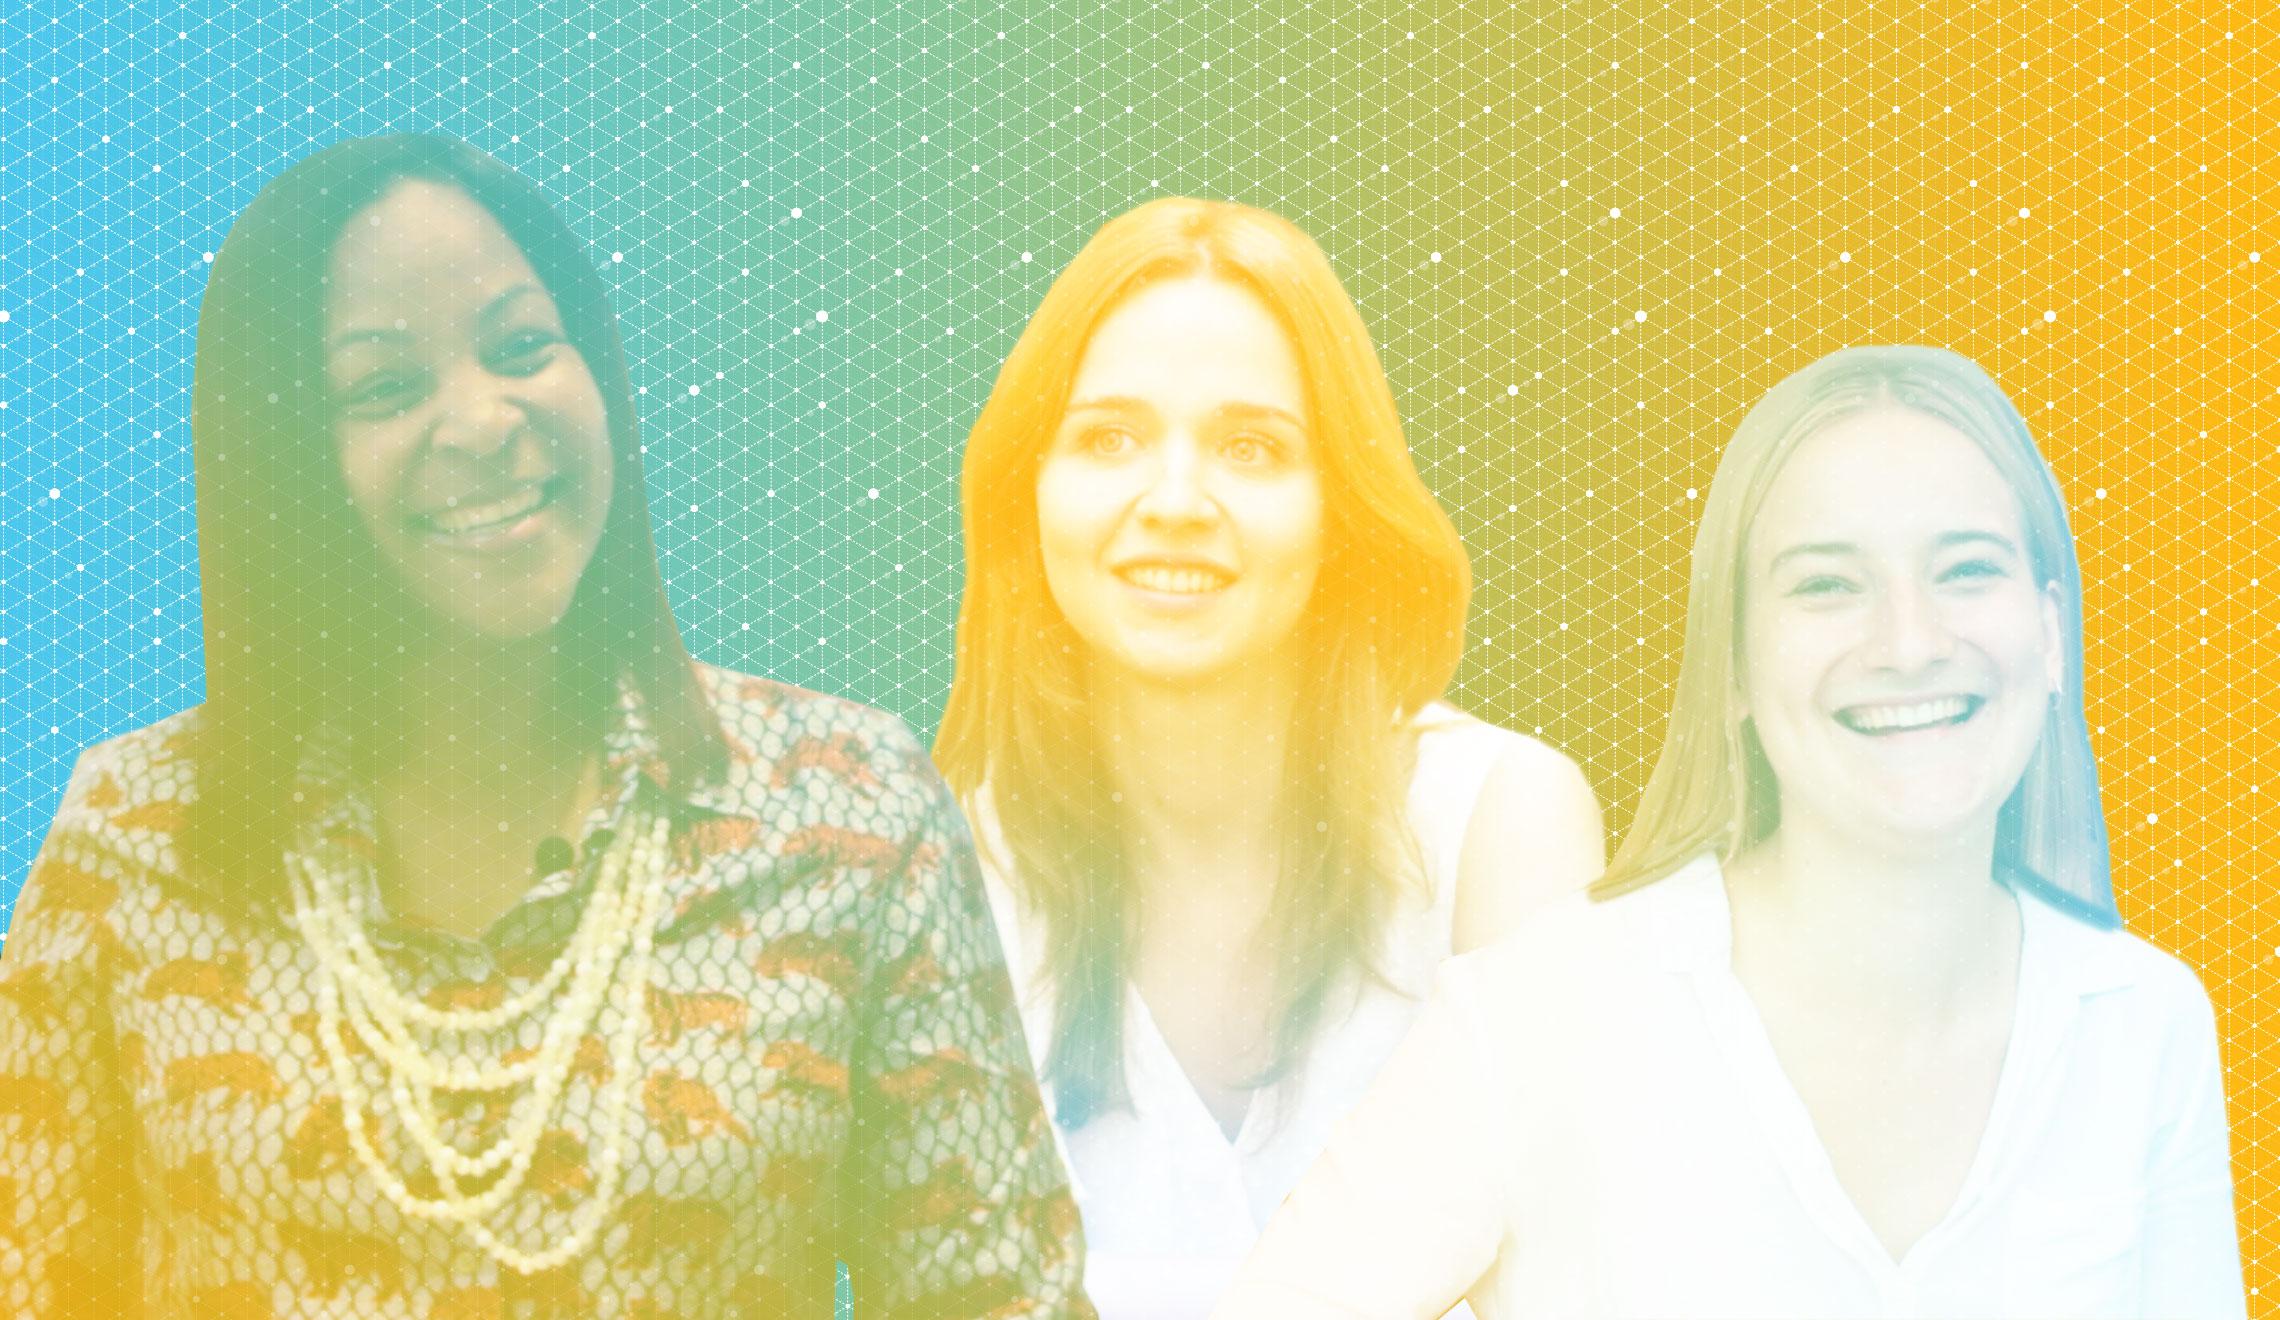 Our women in tech